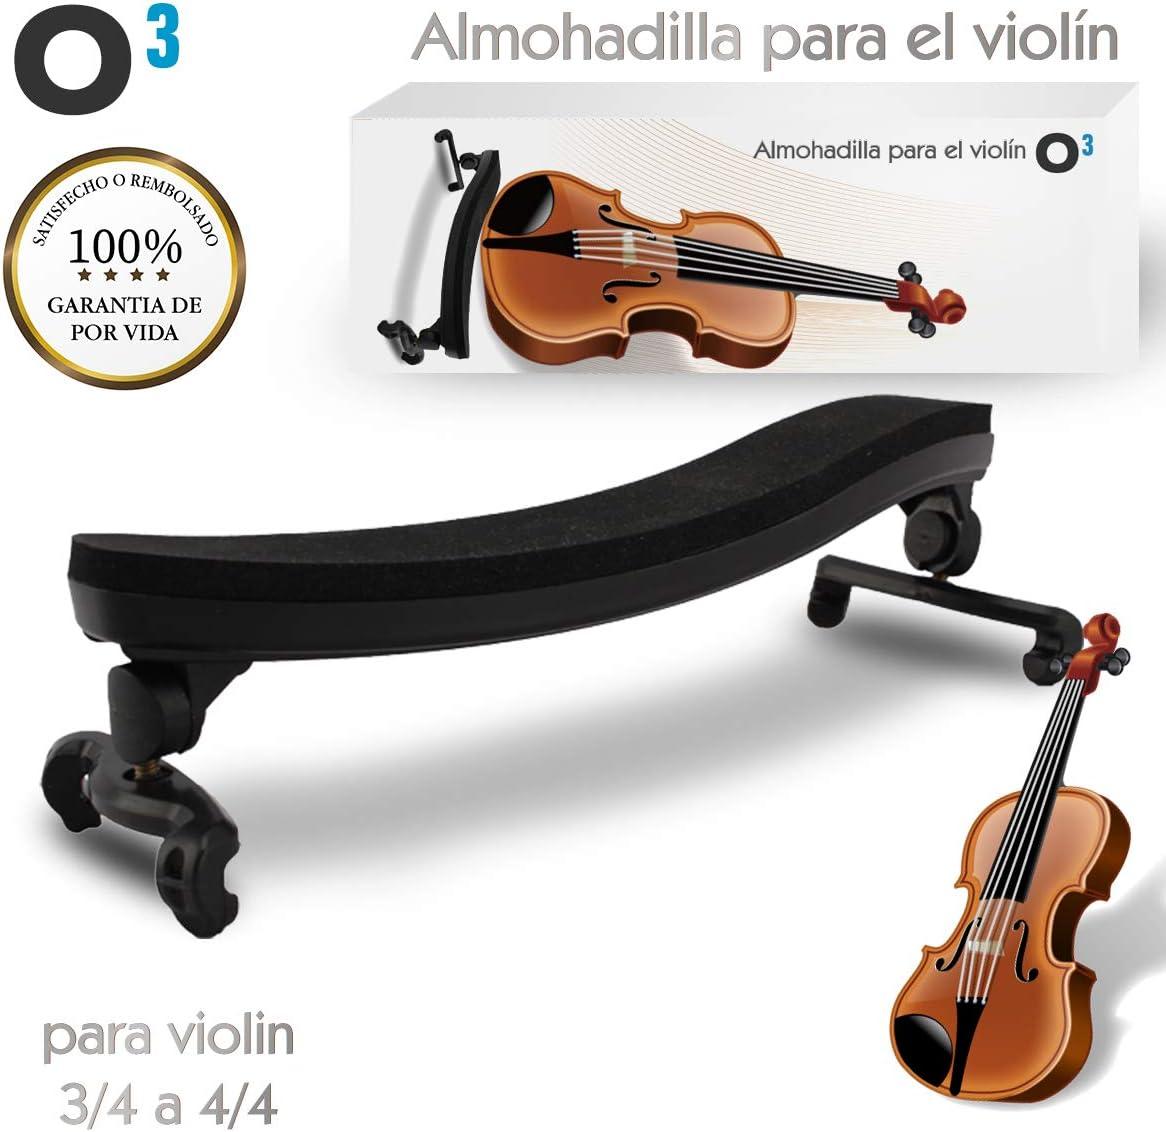 Resto De Hombro De Violin De Madera Para 4//4 Y 3//4 Con Plegable Y Altura